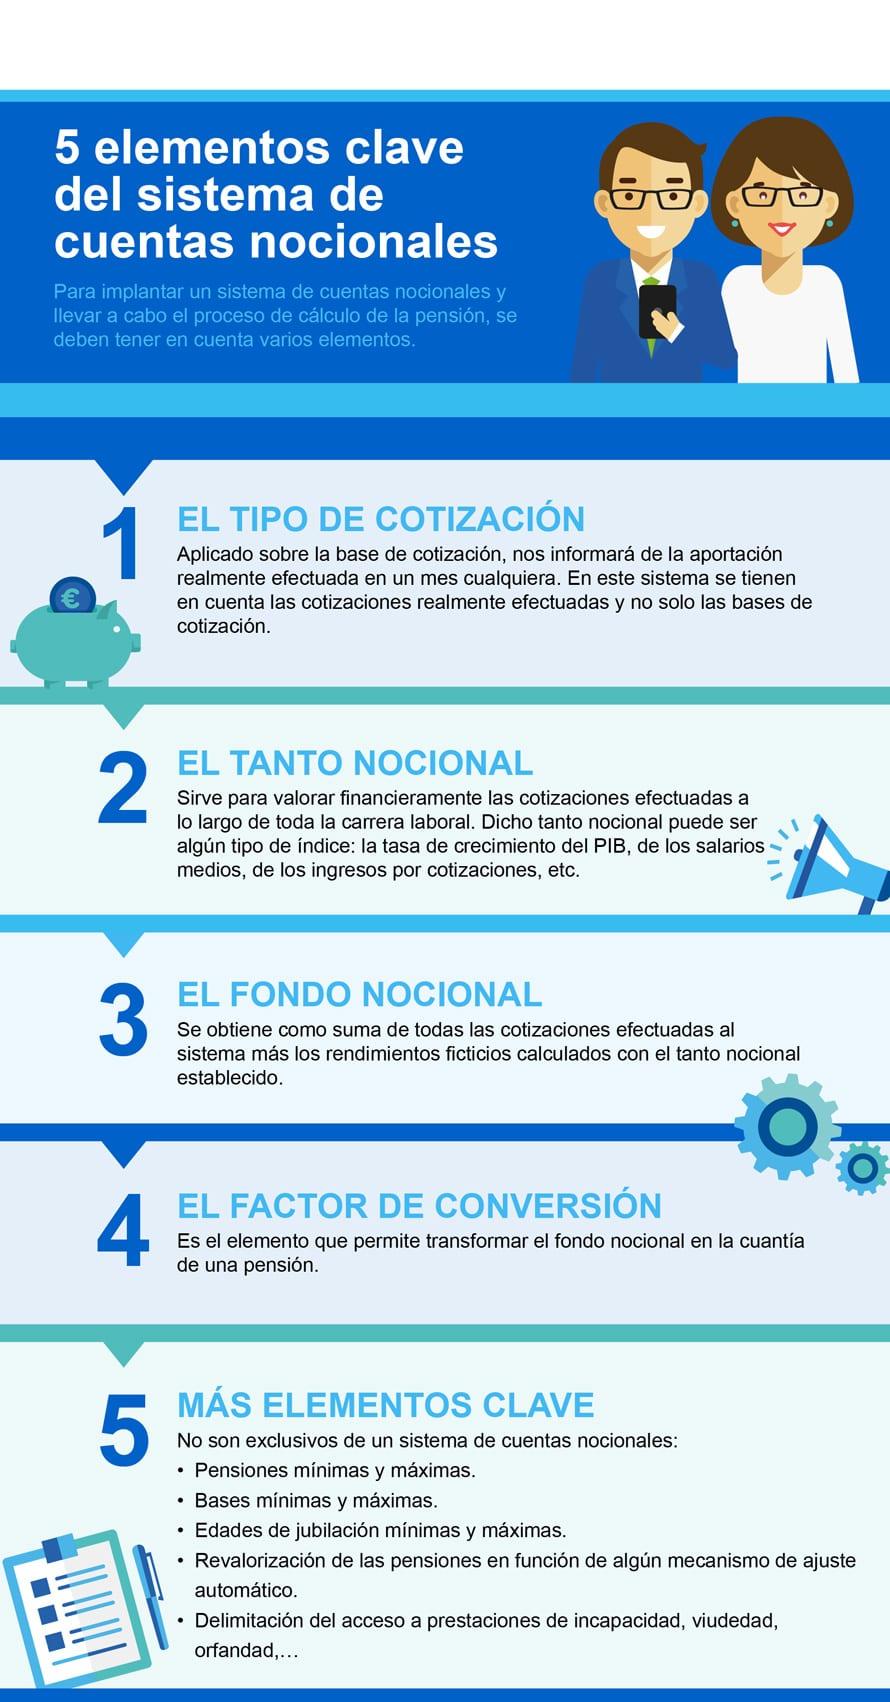 5 Elementos Clave del Sistema de Cuentas Nocionales: Infografía